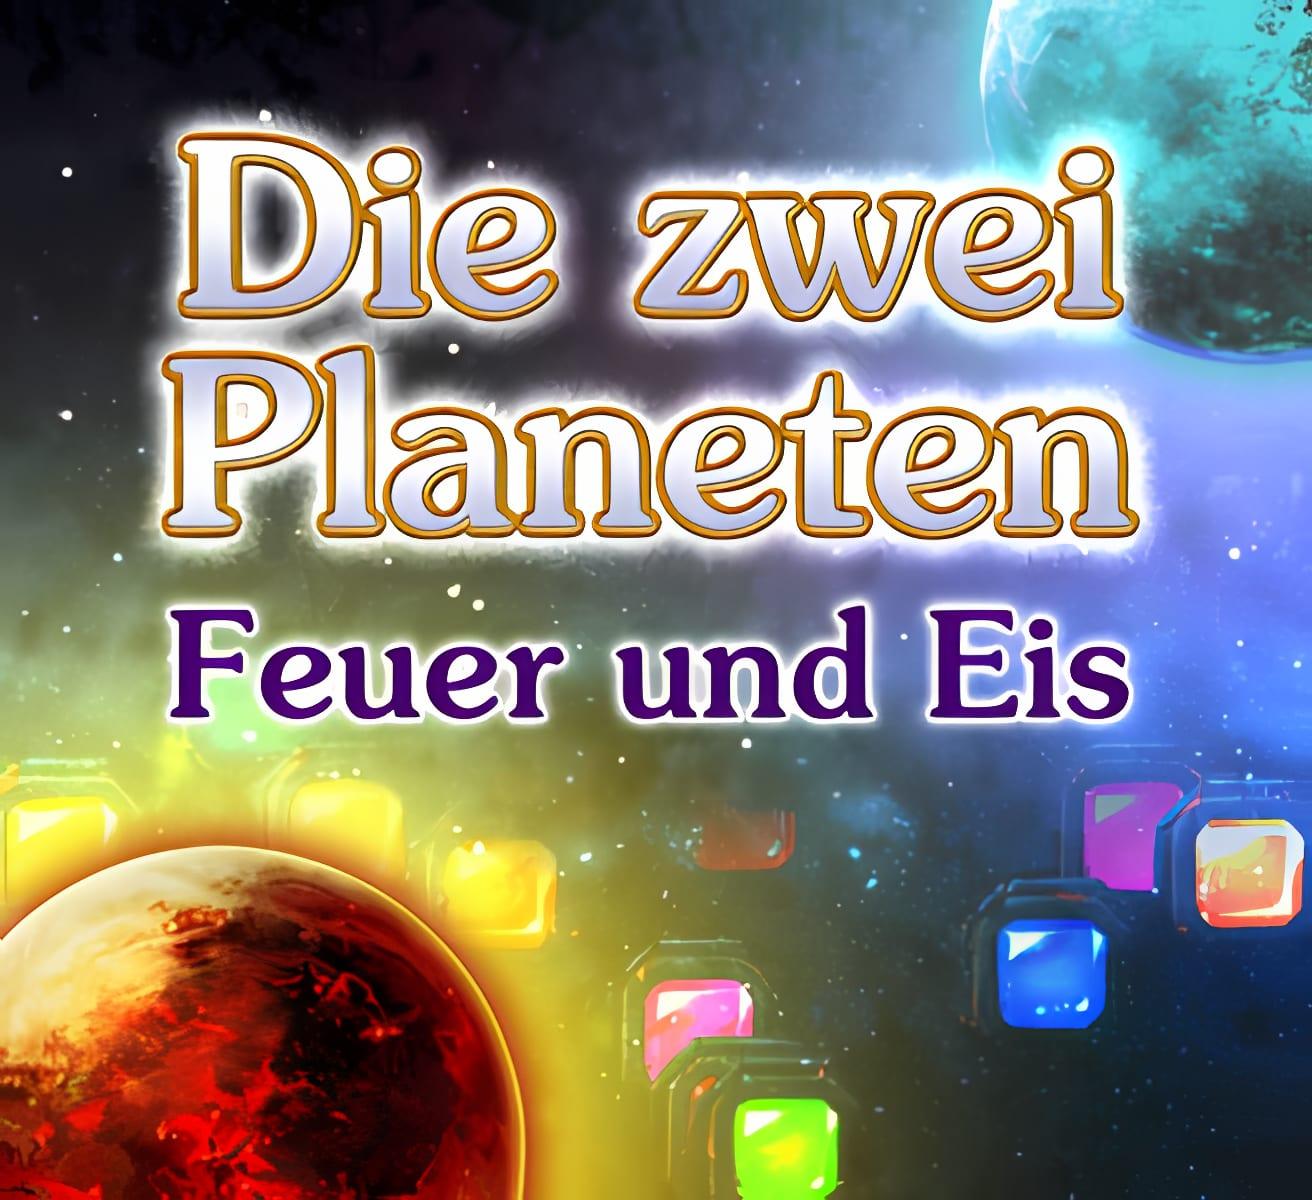 Die zwei Planeten: Feuer und Eis